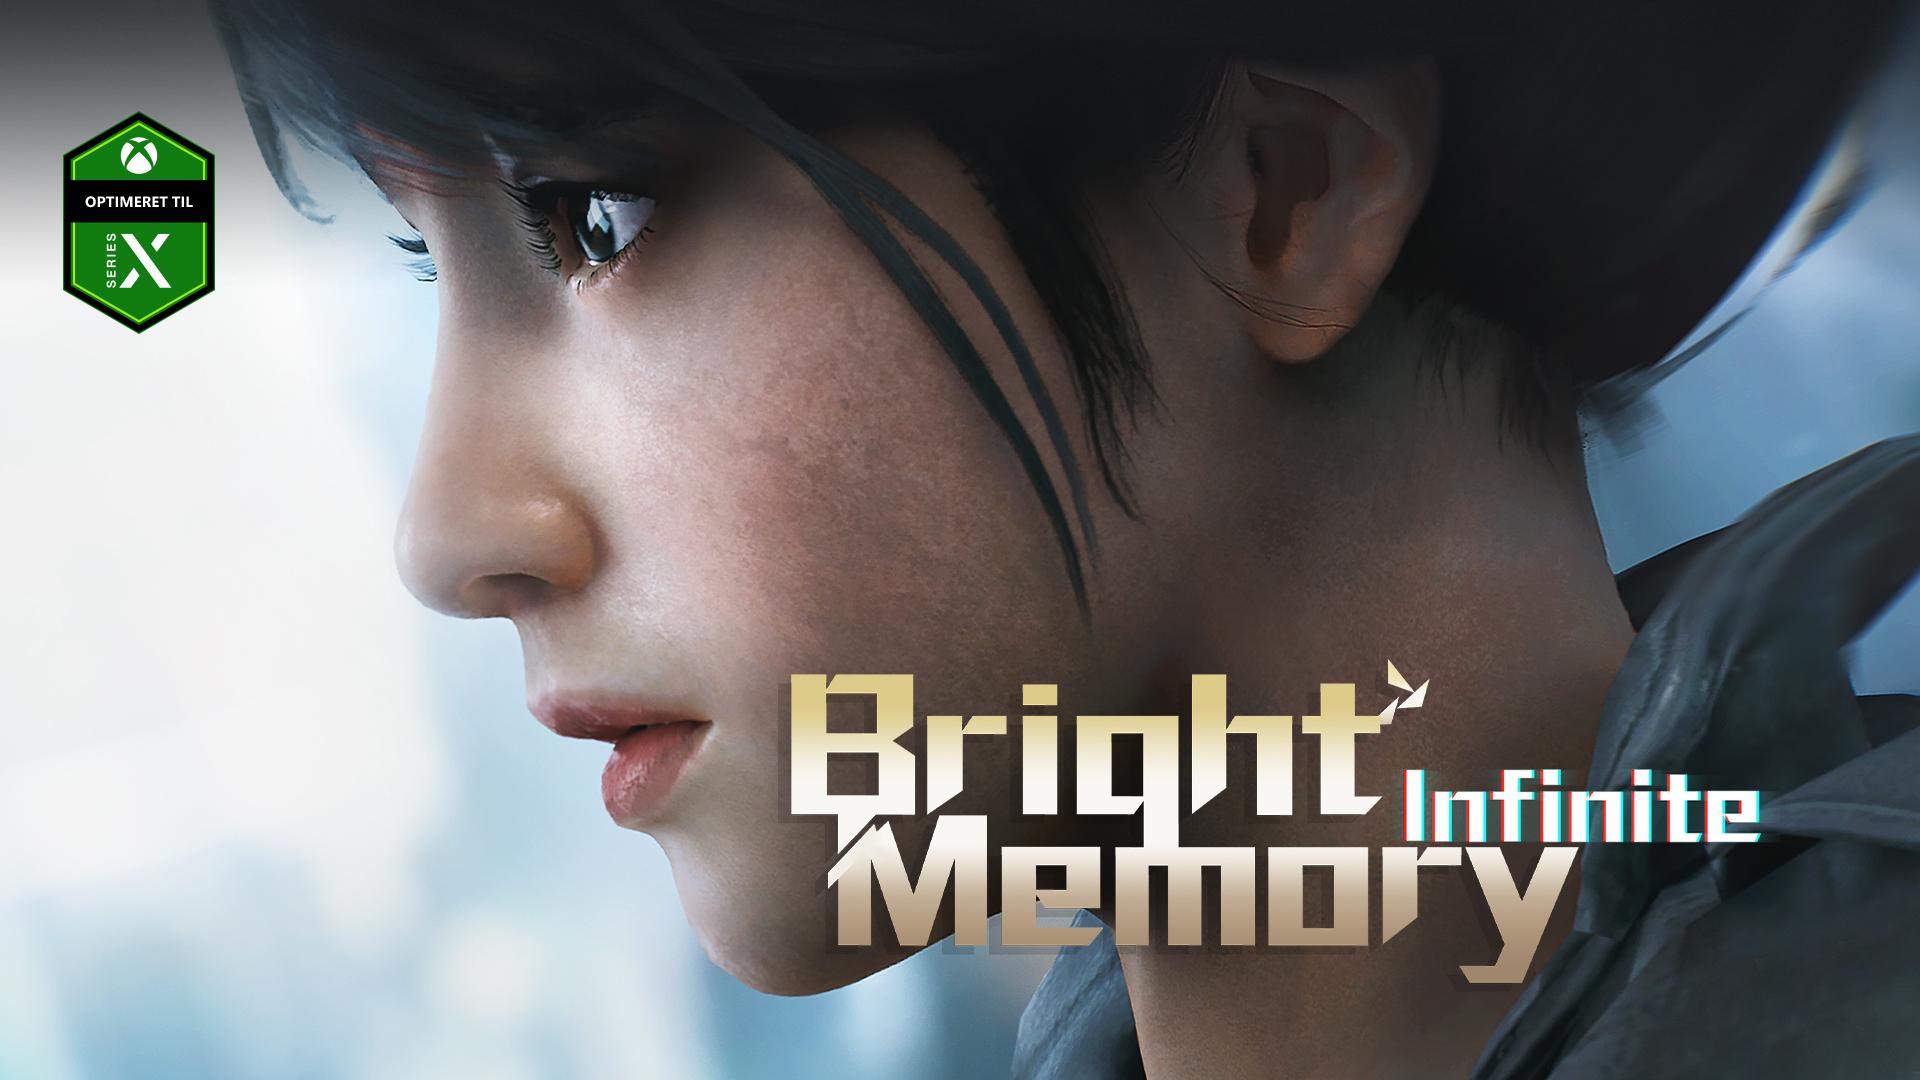 Bright Memory Infinite, Optimeret til Series X, en ung kvinde kigger mod det fjerne.